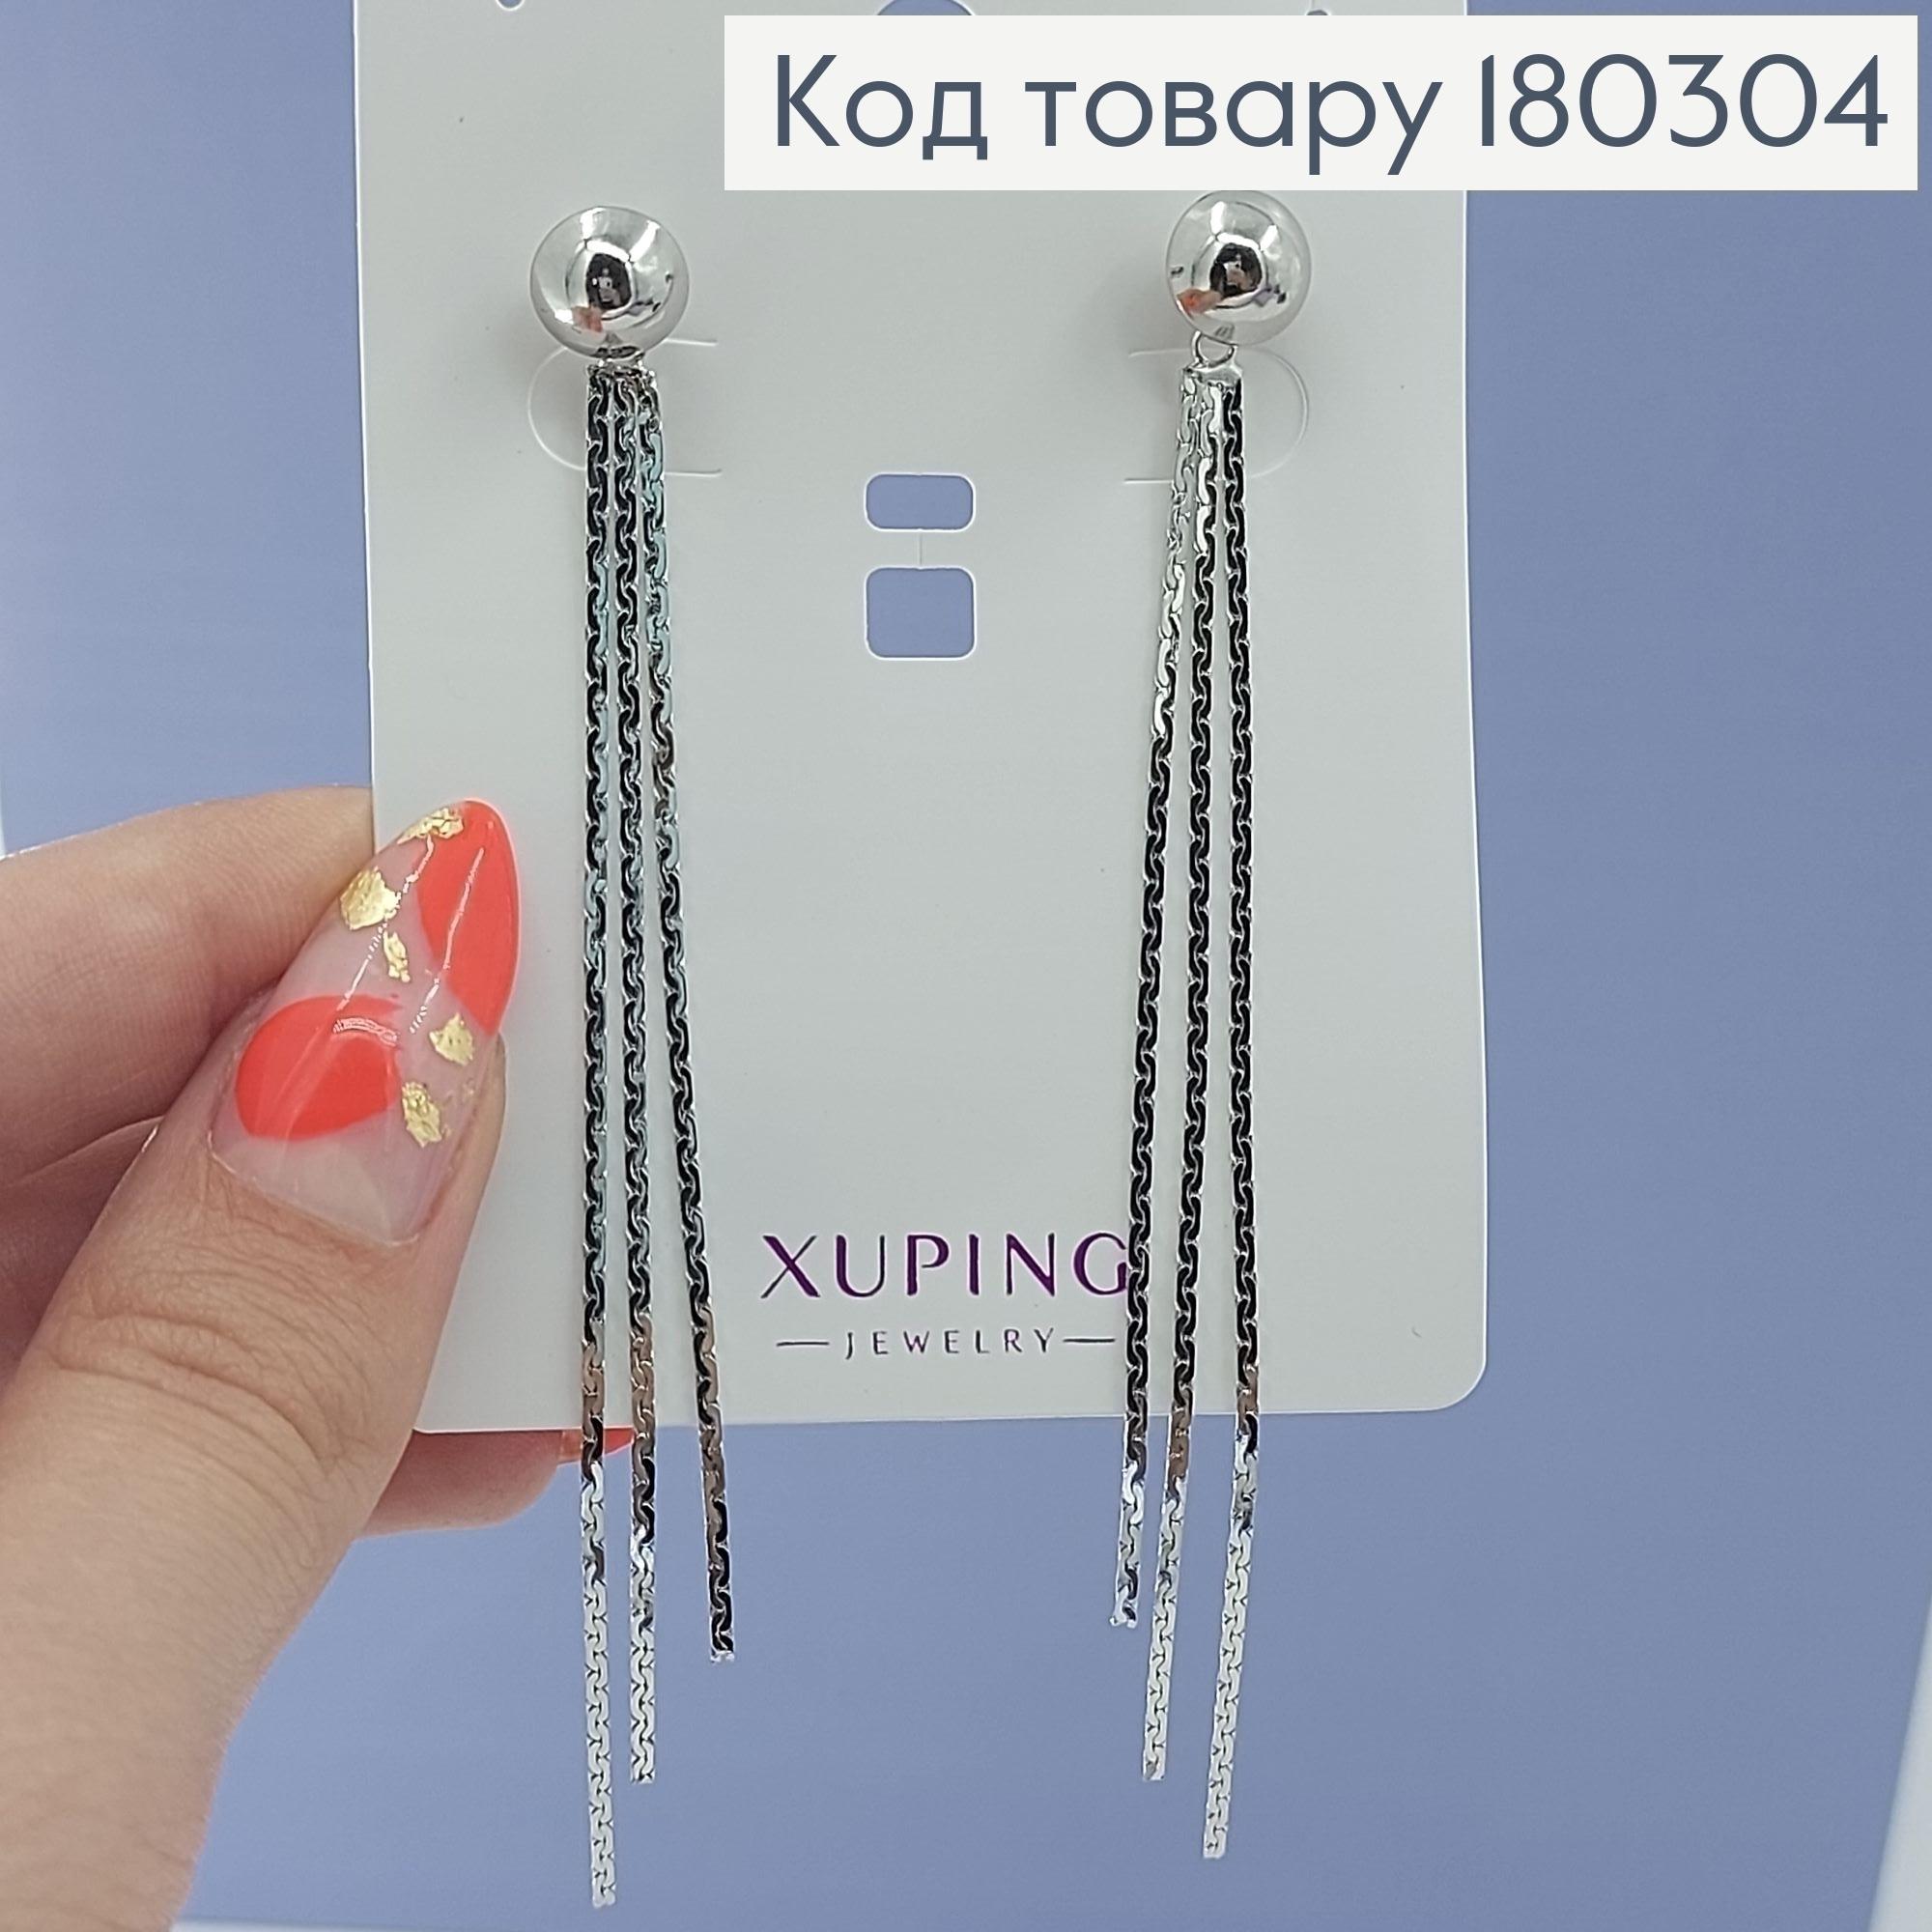 Сережки гвіздки   підвіски  з кулькою родіроване медзолото Xuping 180304 фото 2